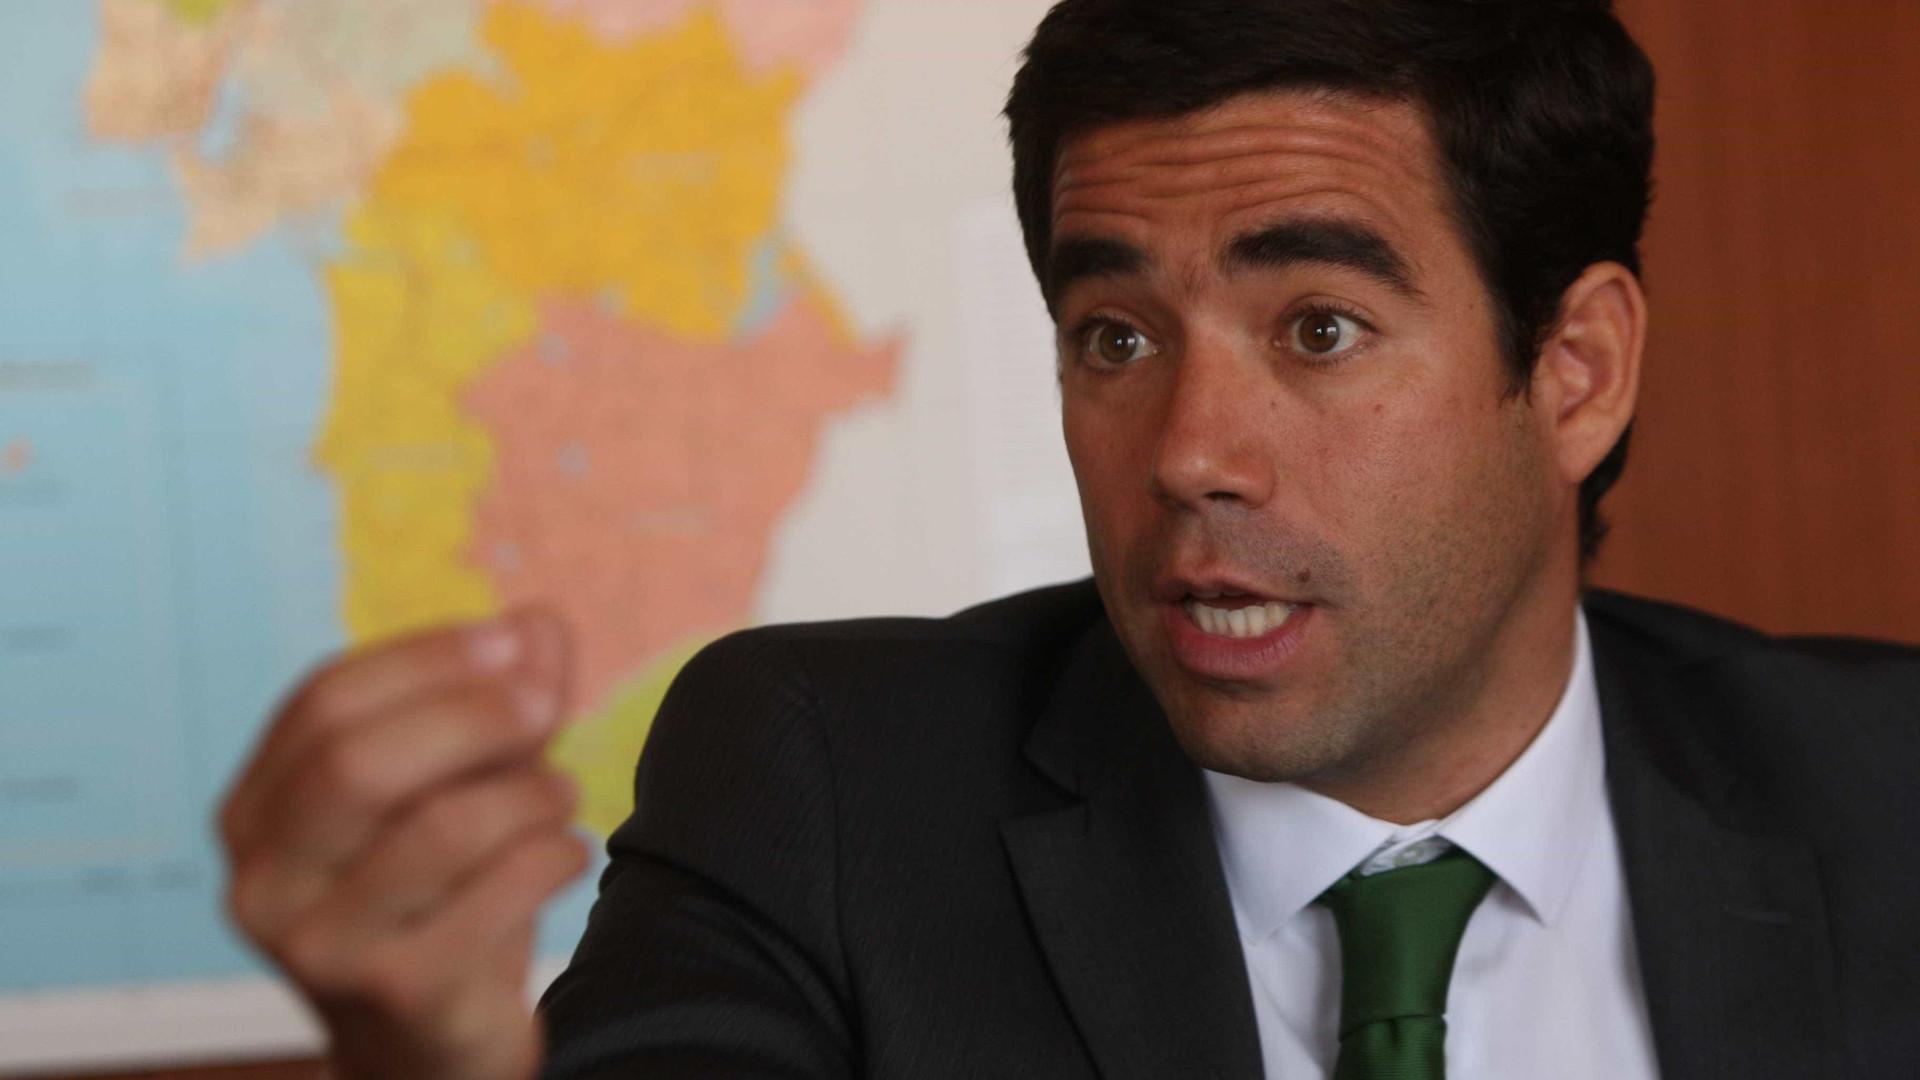 PSD leva preço dos combustíveis ao Parlamento e critica Governo